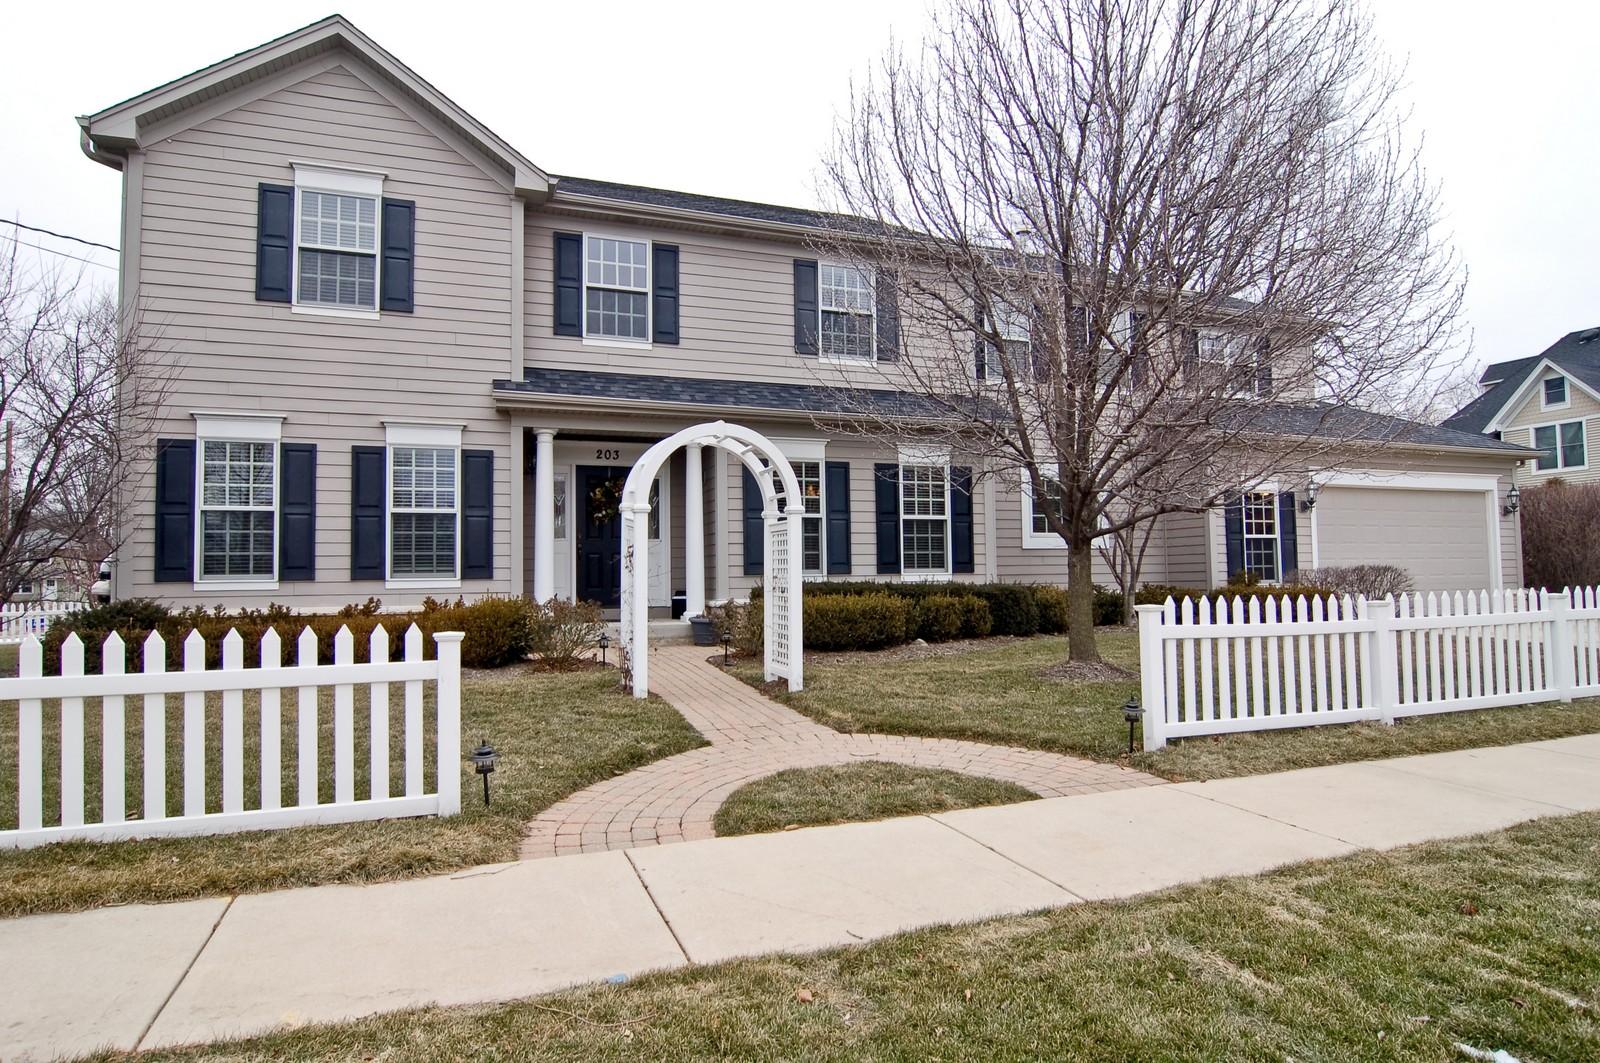 Real Estate Photography - 203 E. Lincoln, Wheaton, IL, 60187 - Front View